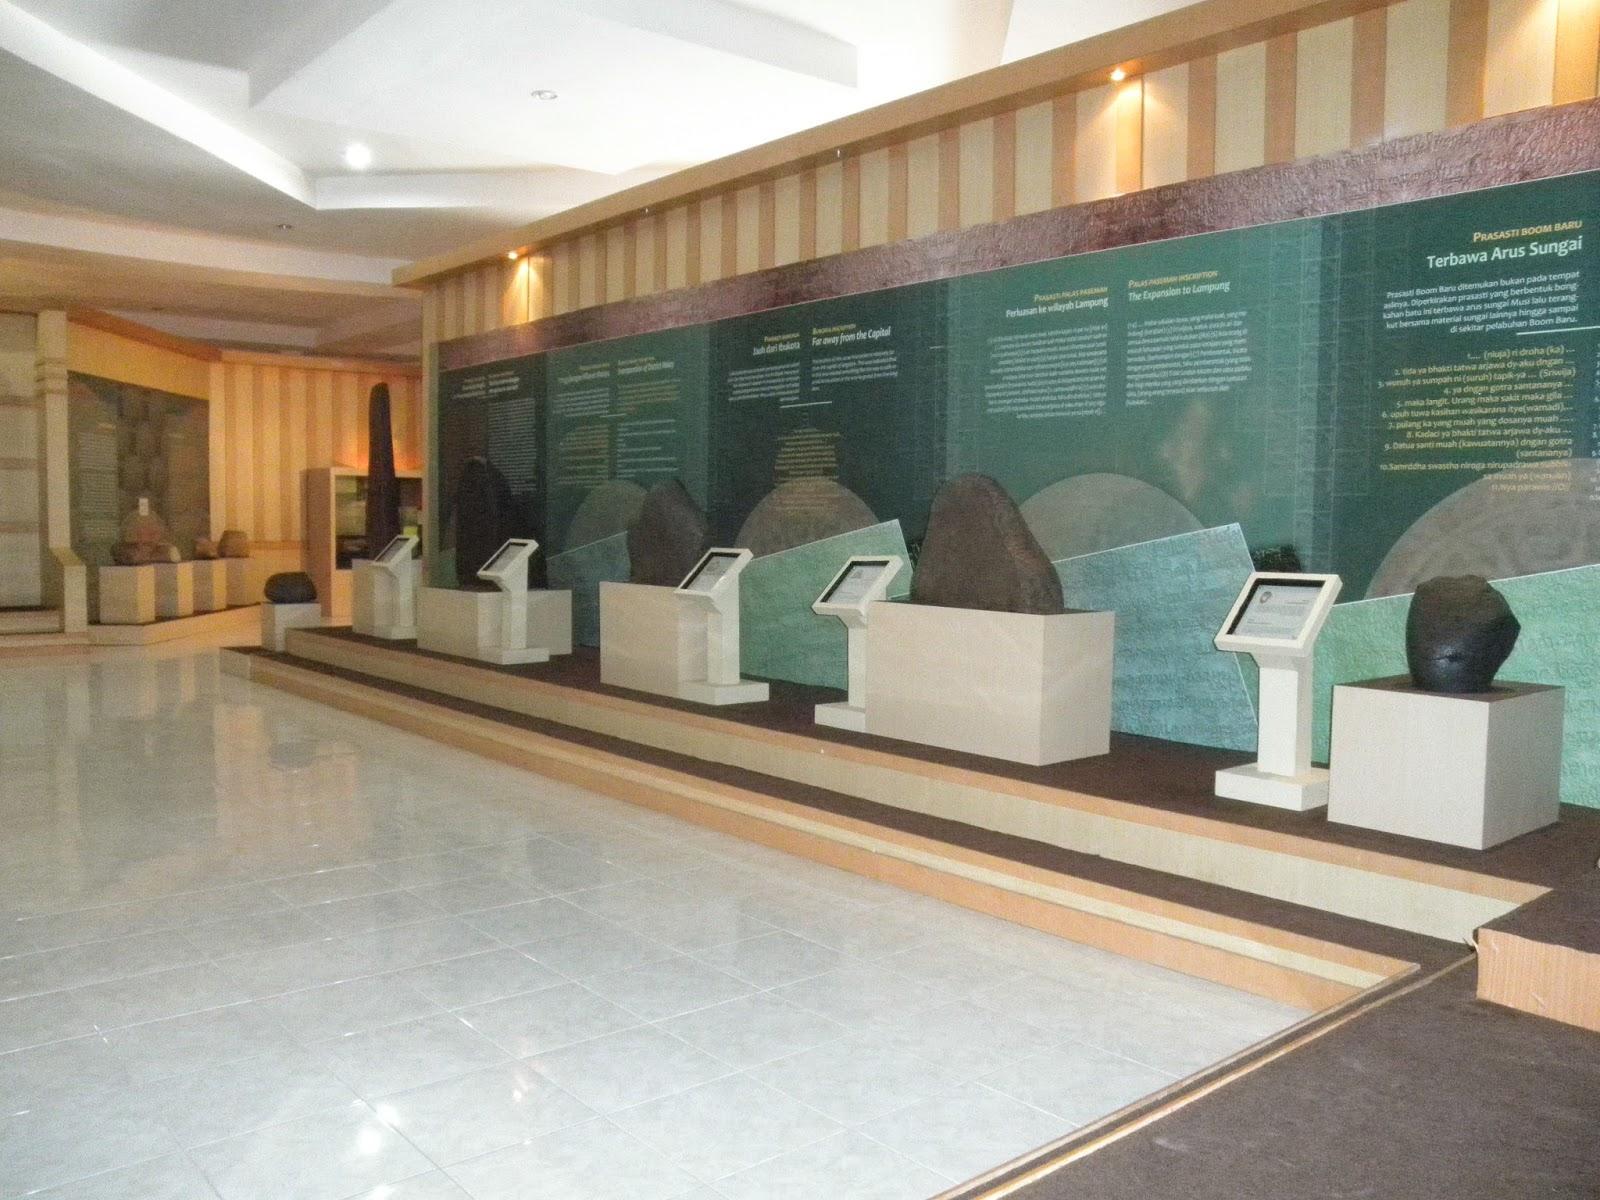 Museum Sriwijaya Sejarah Taman Purbakala Kerajaan Lengkap Khusus Sebagai Pusat